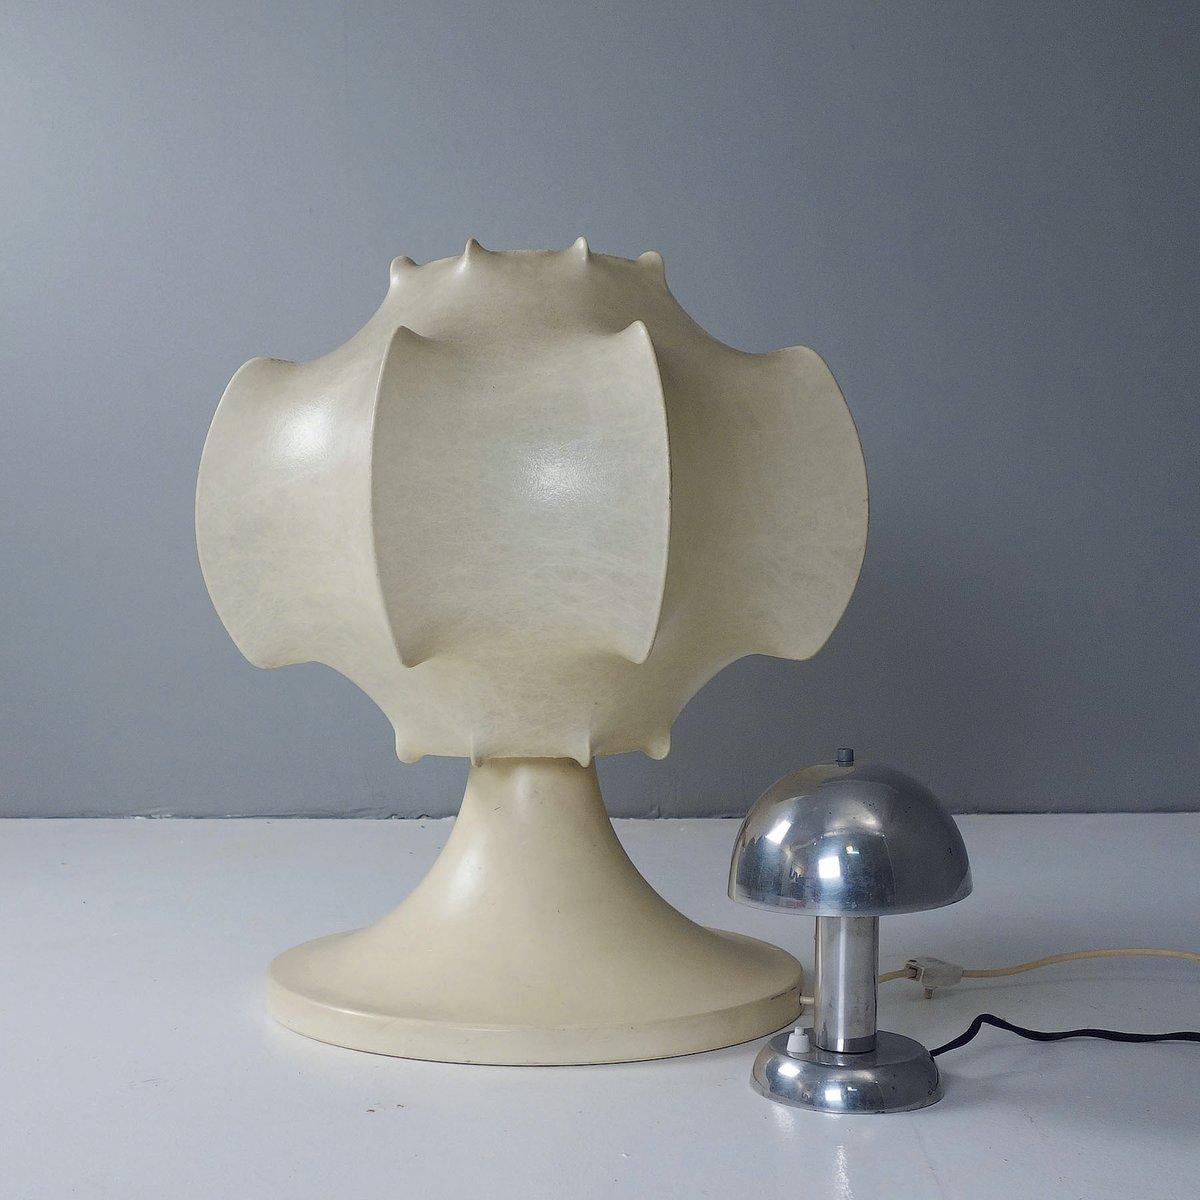 Lampada da tavolo vintage dei fratelli castiglioni per flos italia anni 39 60 in vendita su pamono - Lampada da tavolo vintage ...